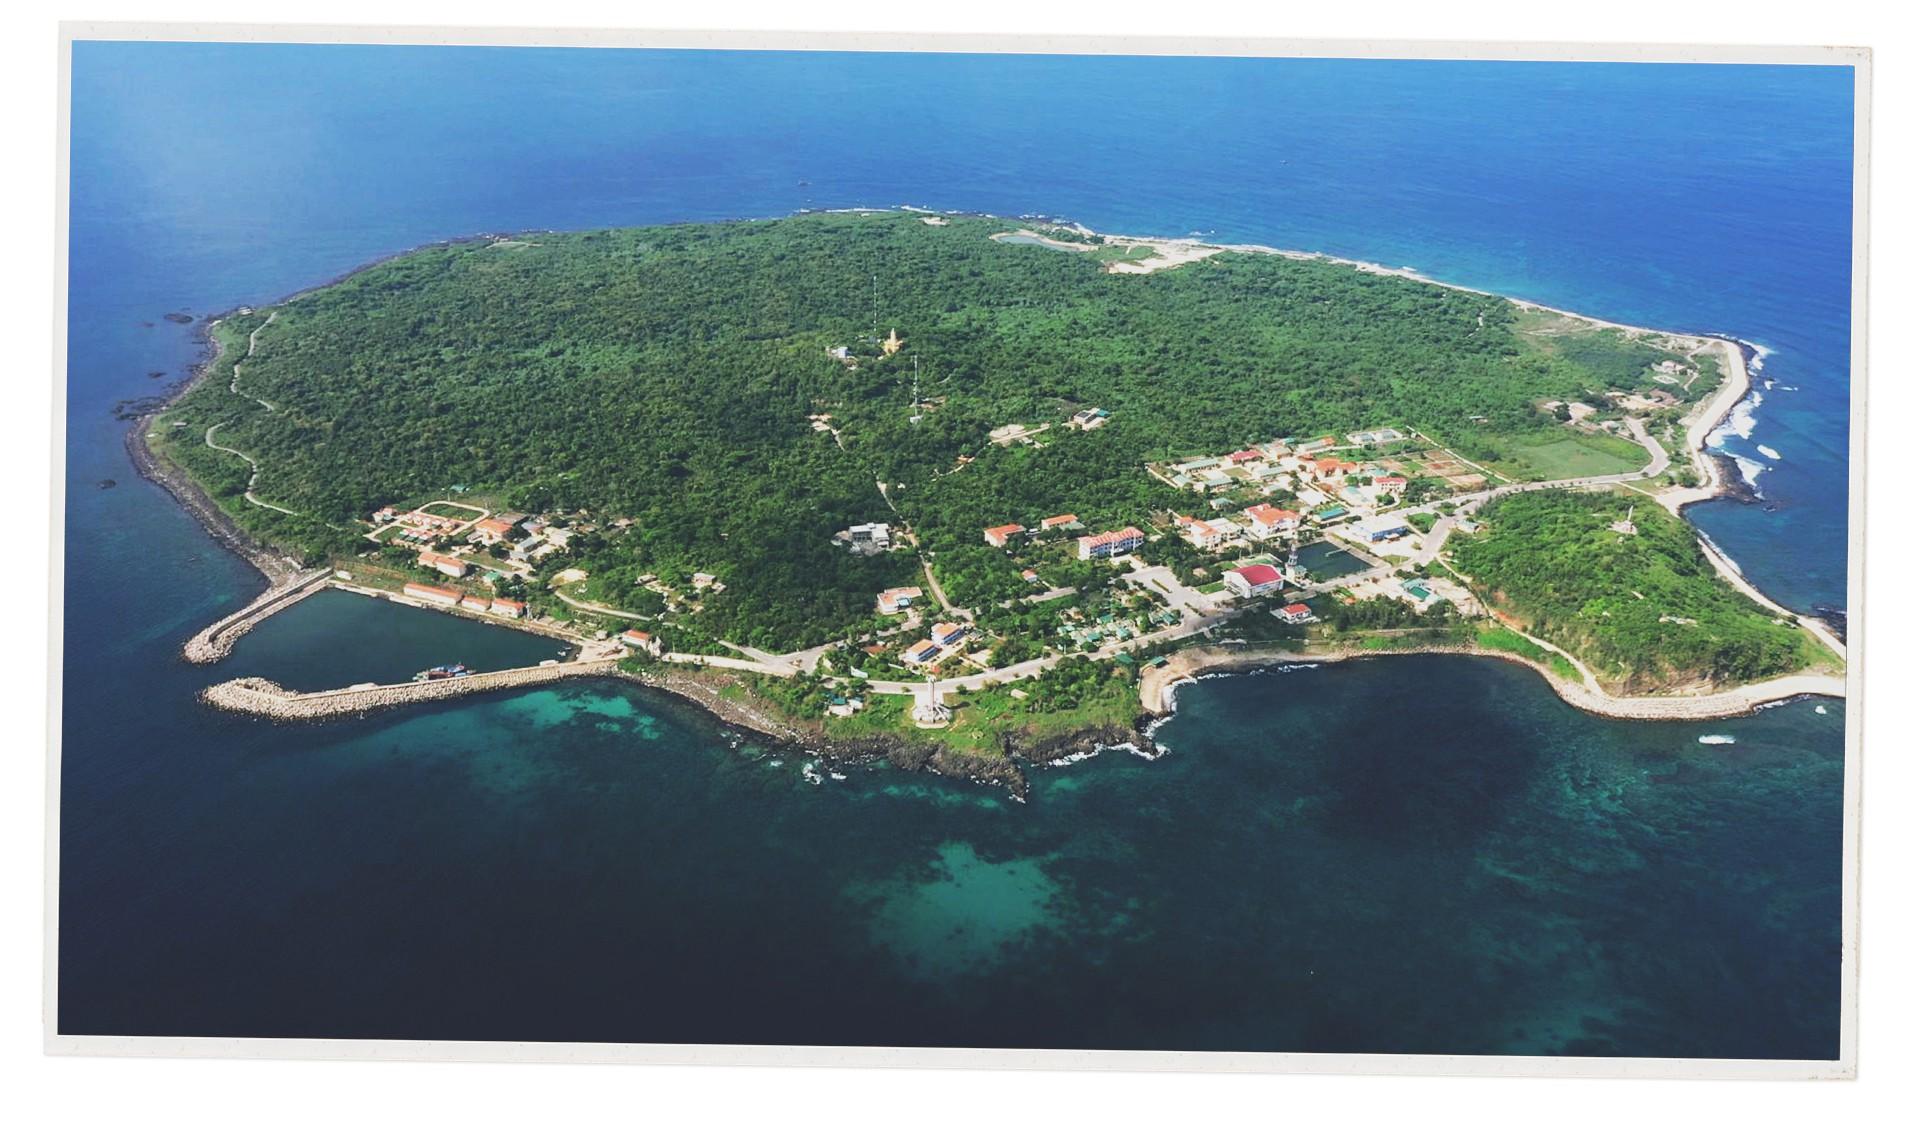 Cồn Cỏ - từ đảo thép thành đảo ngọc - Ảnh 15.